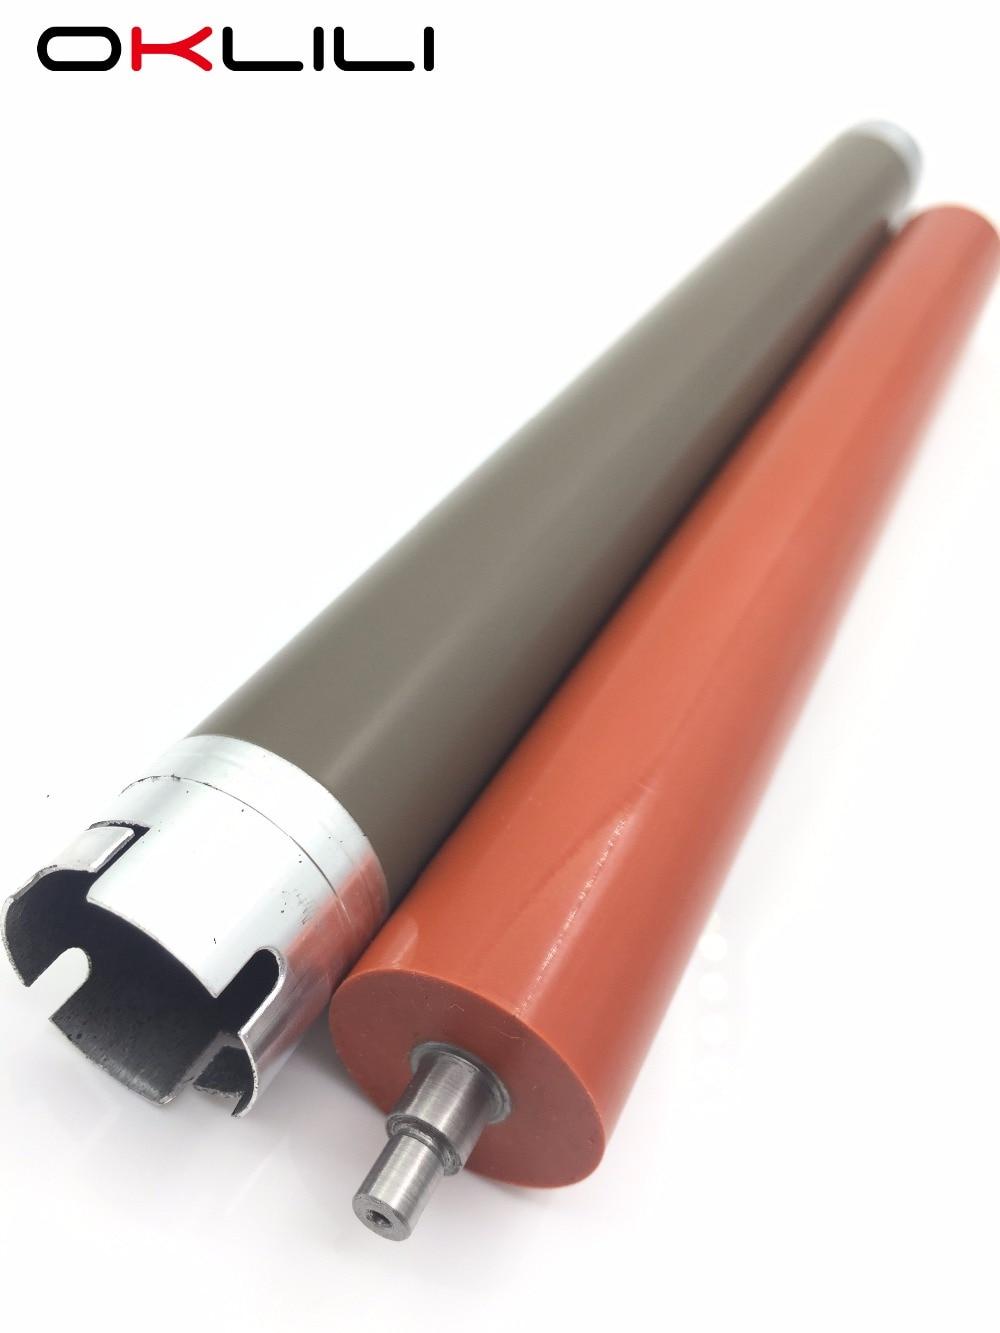 1SET X Upper Fuser Roller + lower pressure roller for Brother DCP 8060 8065 8070 8080 8085 HL 5240 5250 5270 5280 5340 5350 5370 фотобарабан brother dr 3200 для hl 5340 5350 5370 5380 dcp 8070 8085 mfc 8370 8880 8890 25000стр